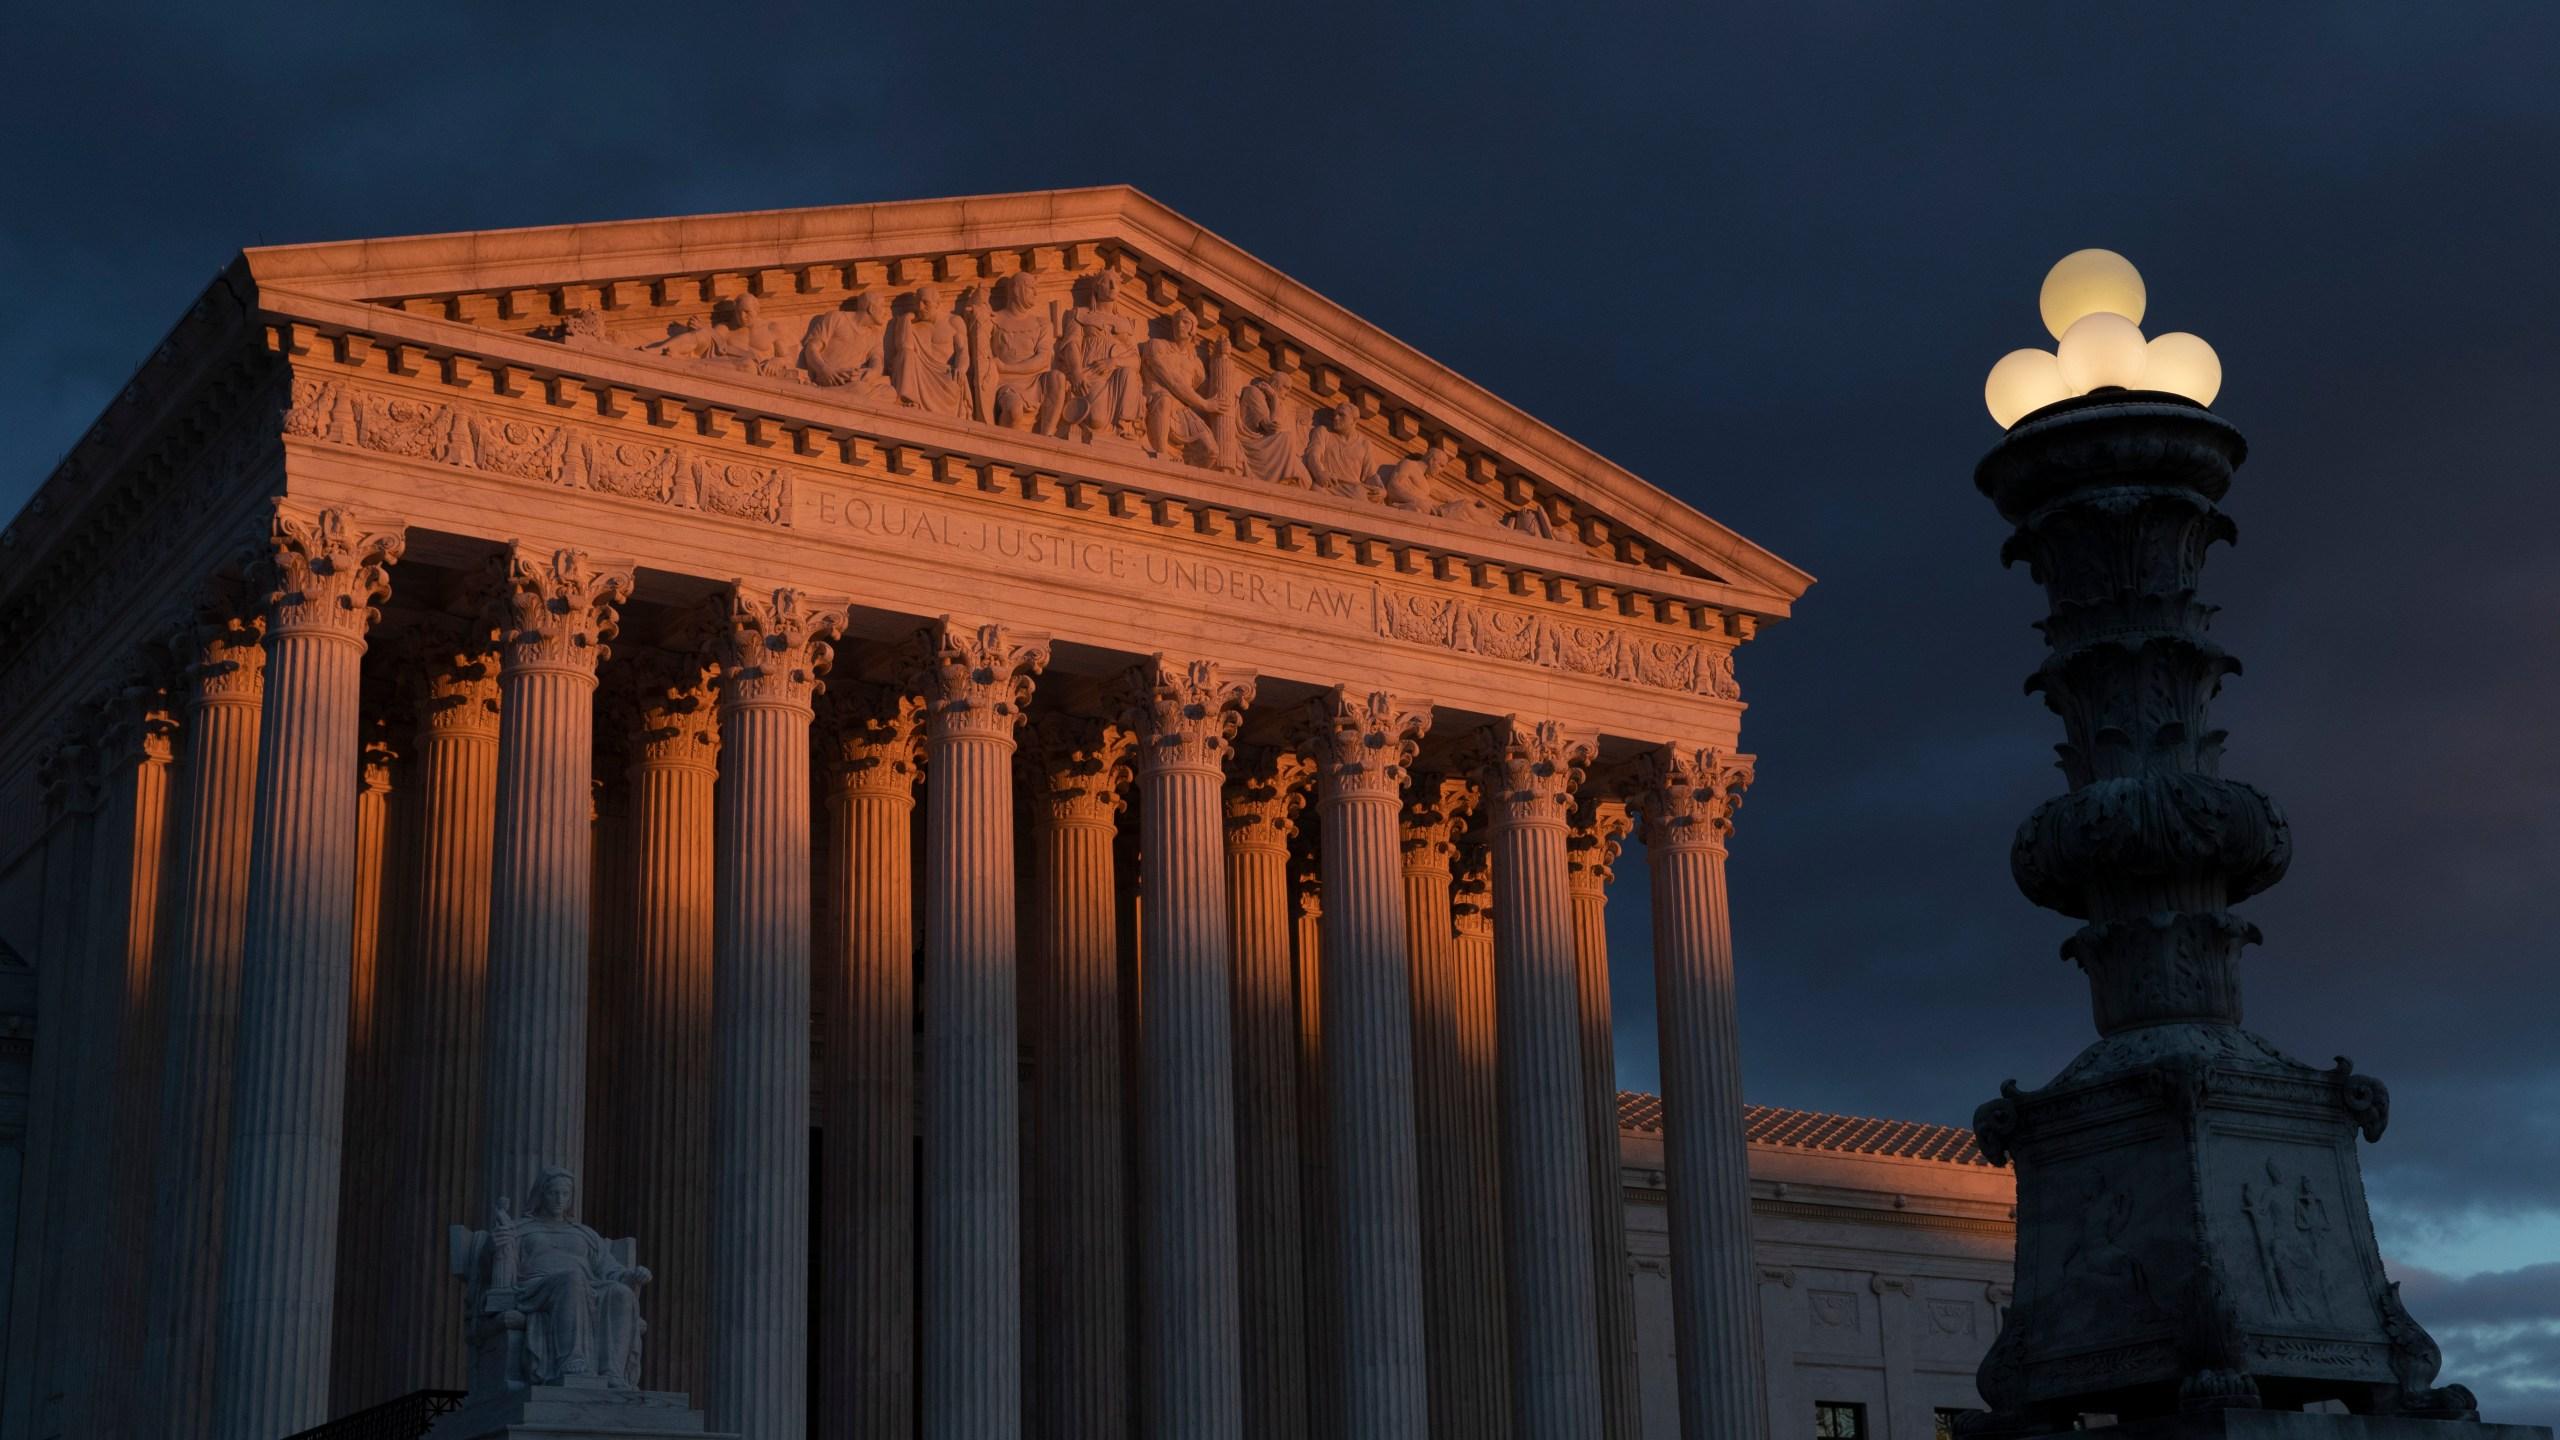 Supreme_Court_Emprire_76731-159532.jpg60196179